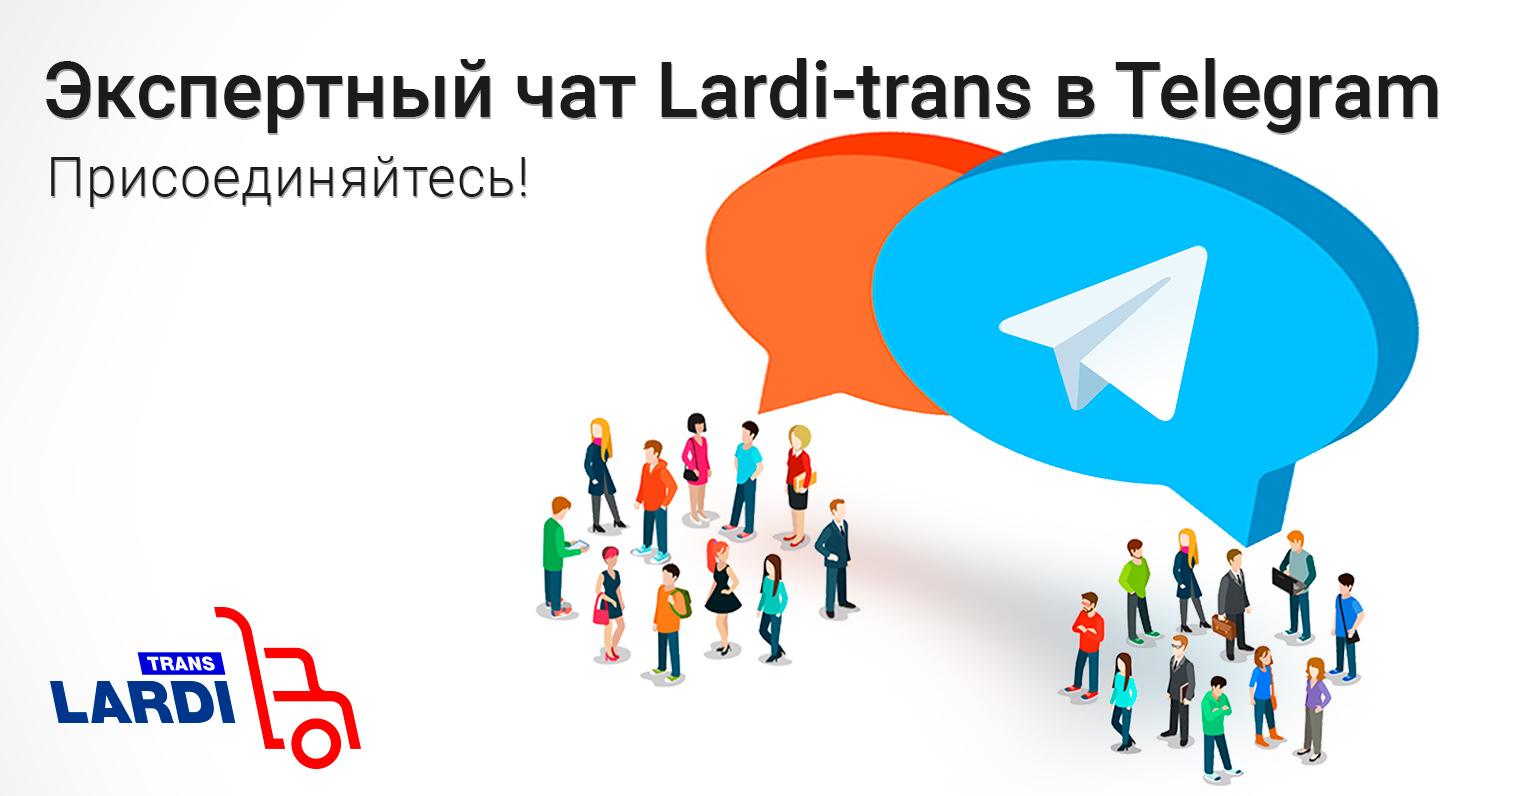 lardi-trans-poisk-gruzov